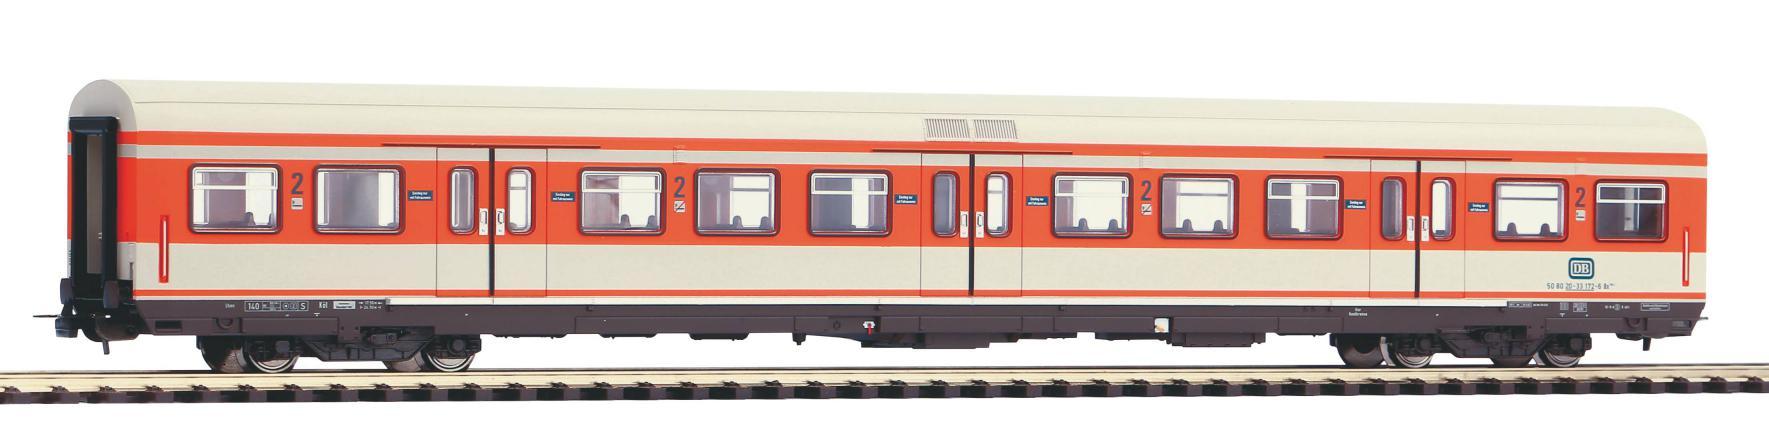 PIKO 58506 S-Bahn x-wagen Steuerwagen 2 DB AG verkehrsrot DC H0 Kl